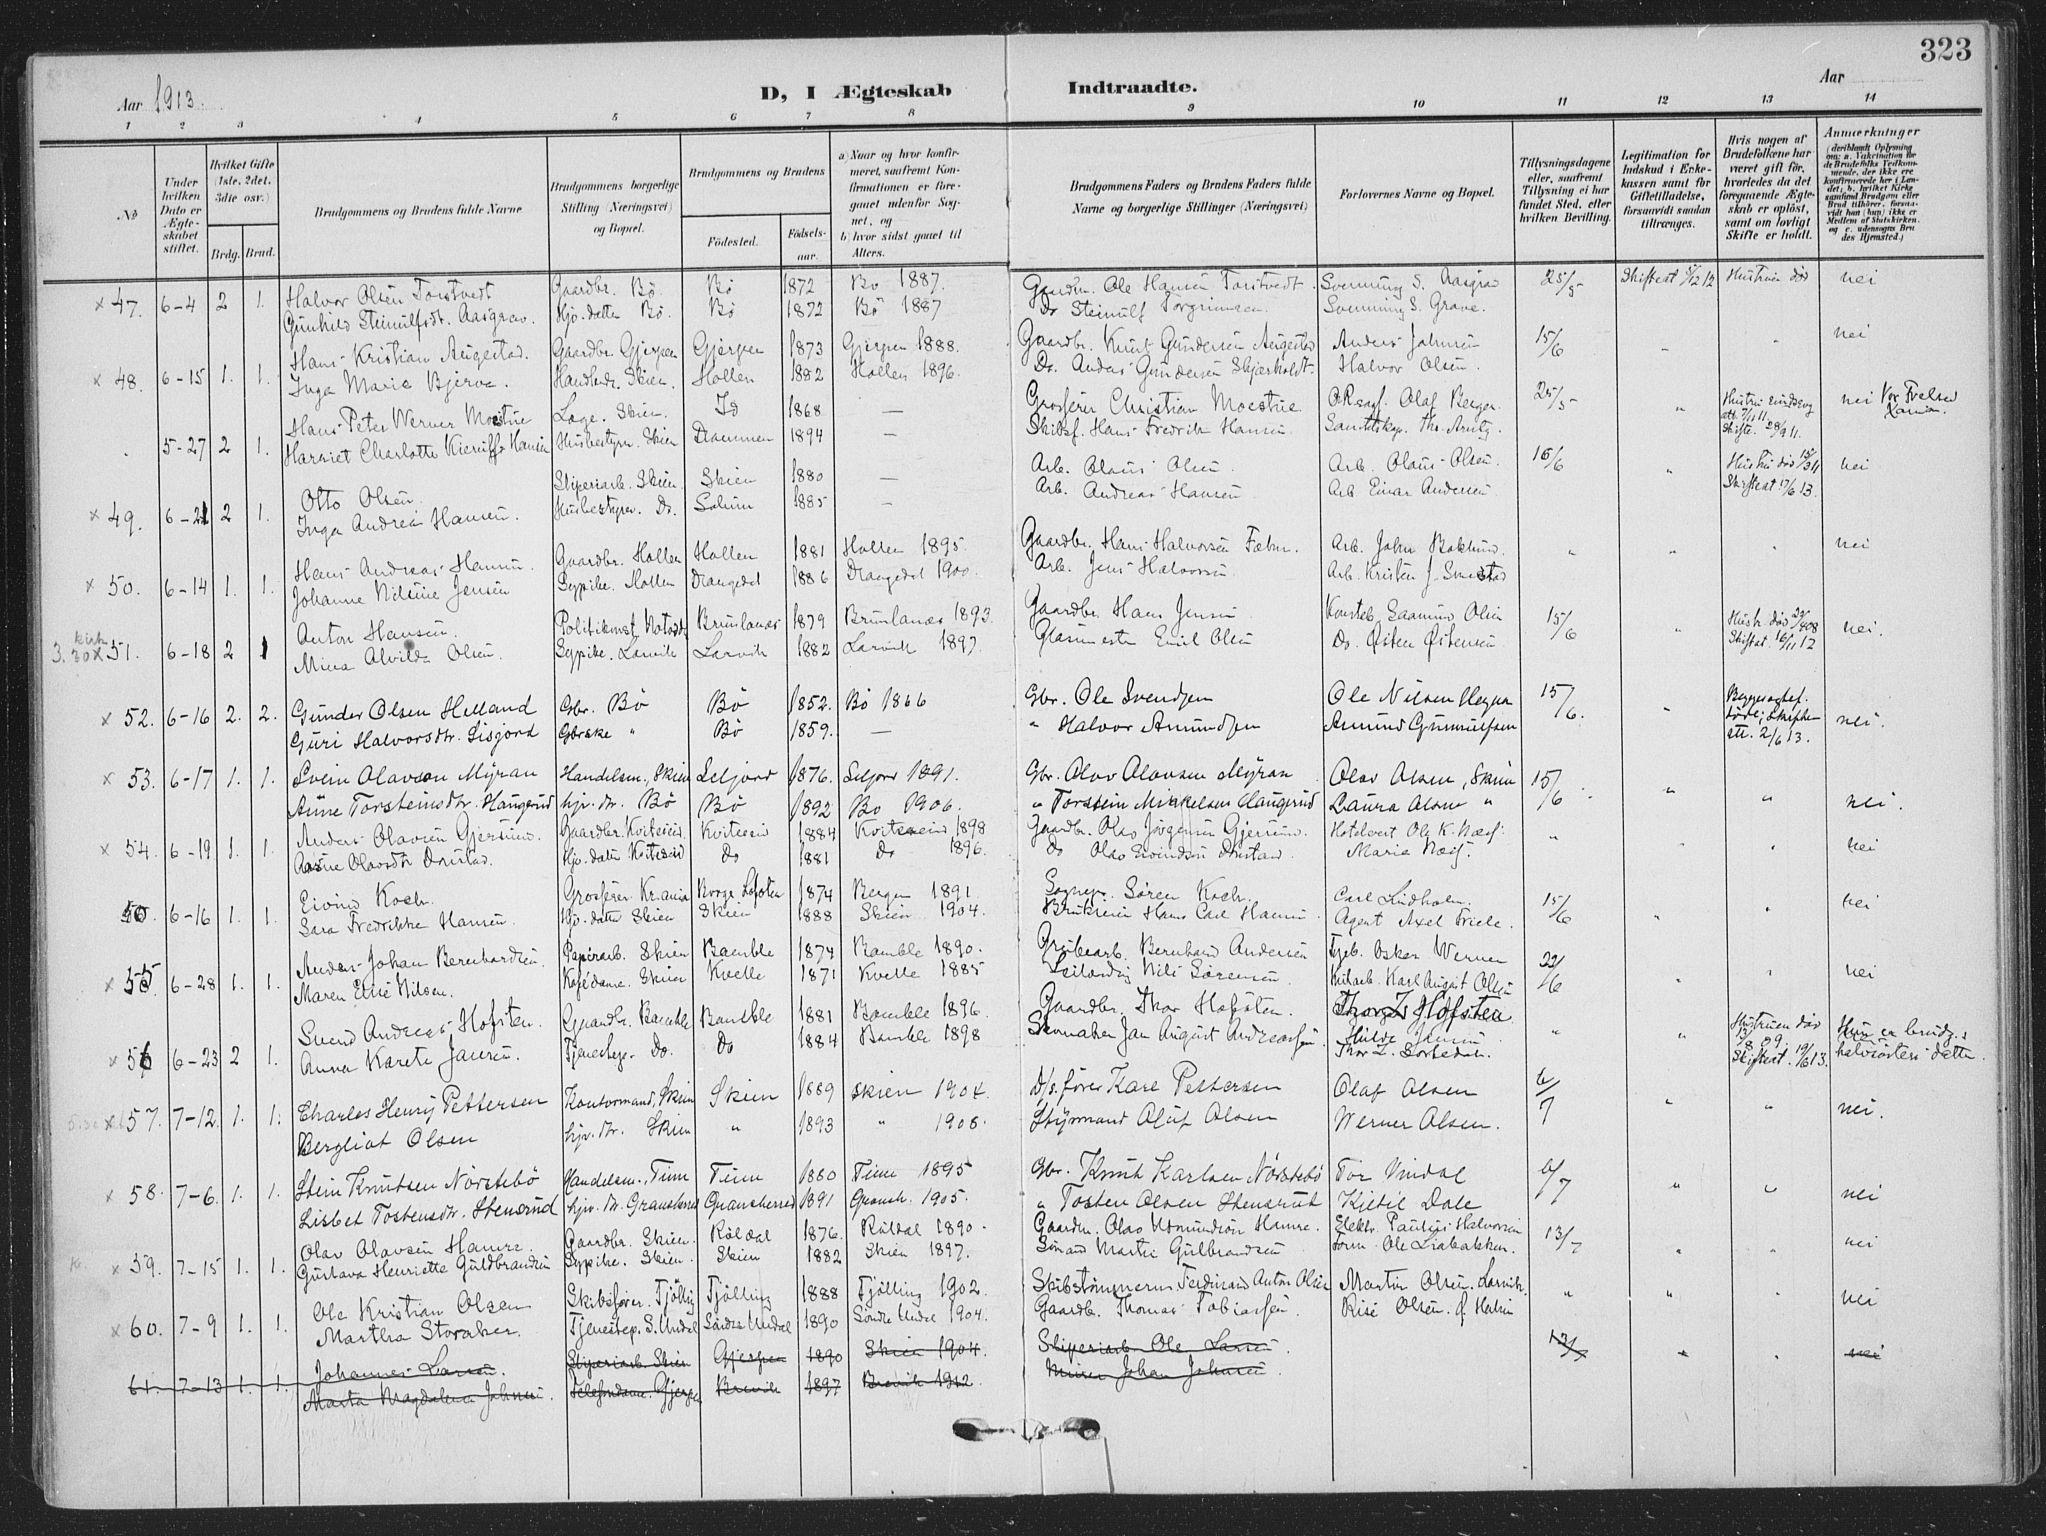 SAKO, Skien kirkebøker, F/Fa/L0012: Ministerialbok nr. 12, 1908-1914, s. 323